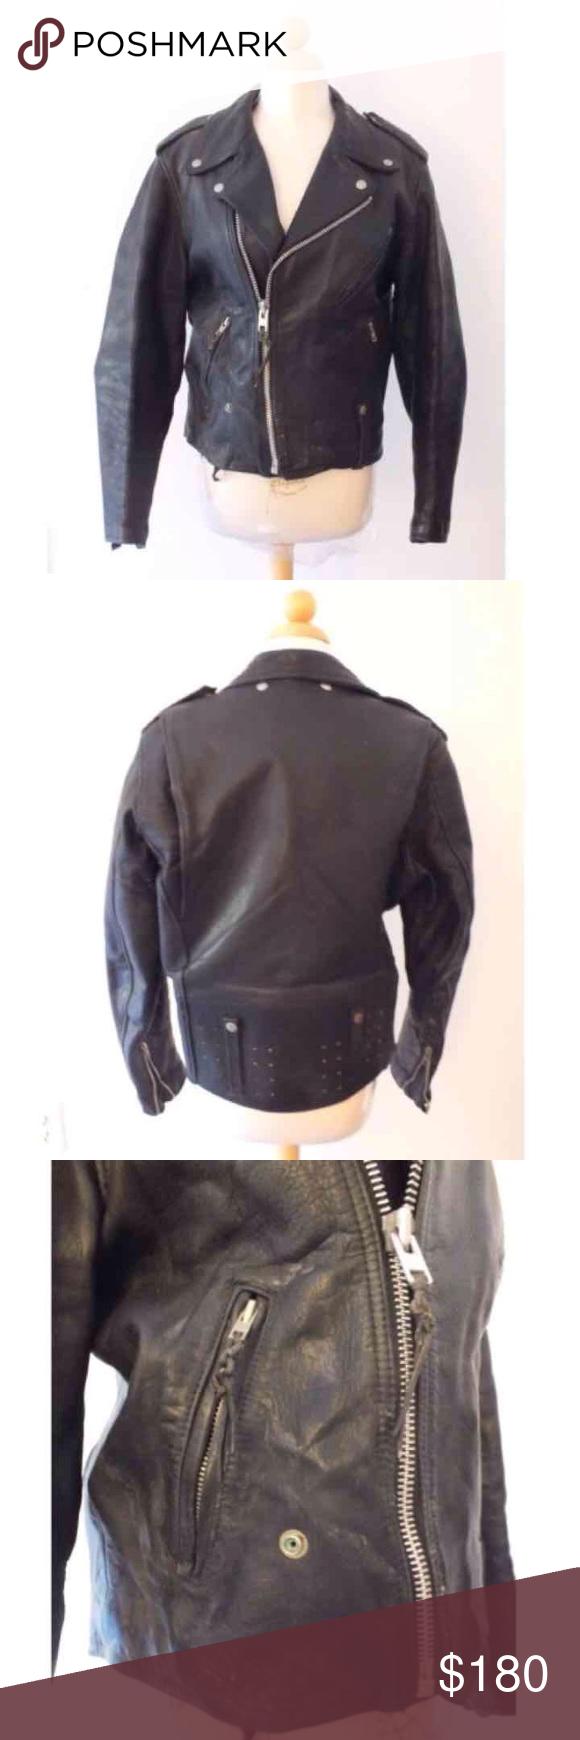 SOLD Vtg Harley Davidson Women's Leather Jacket Jackets